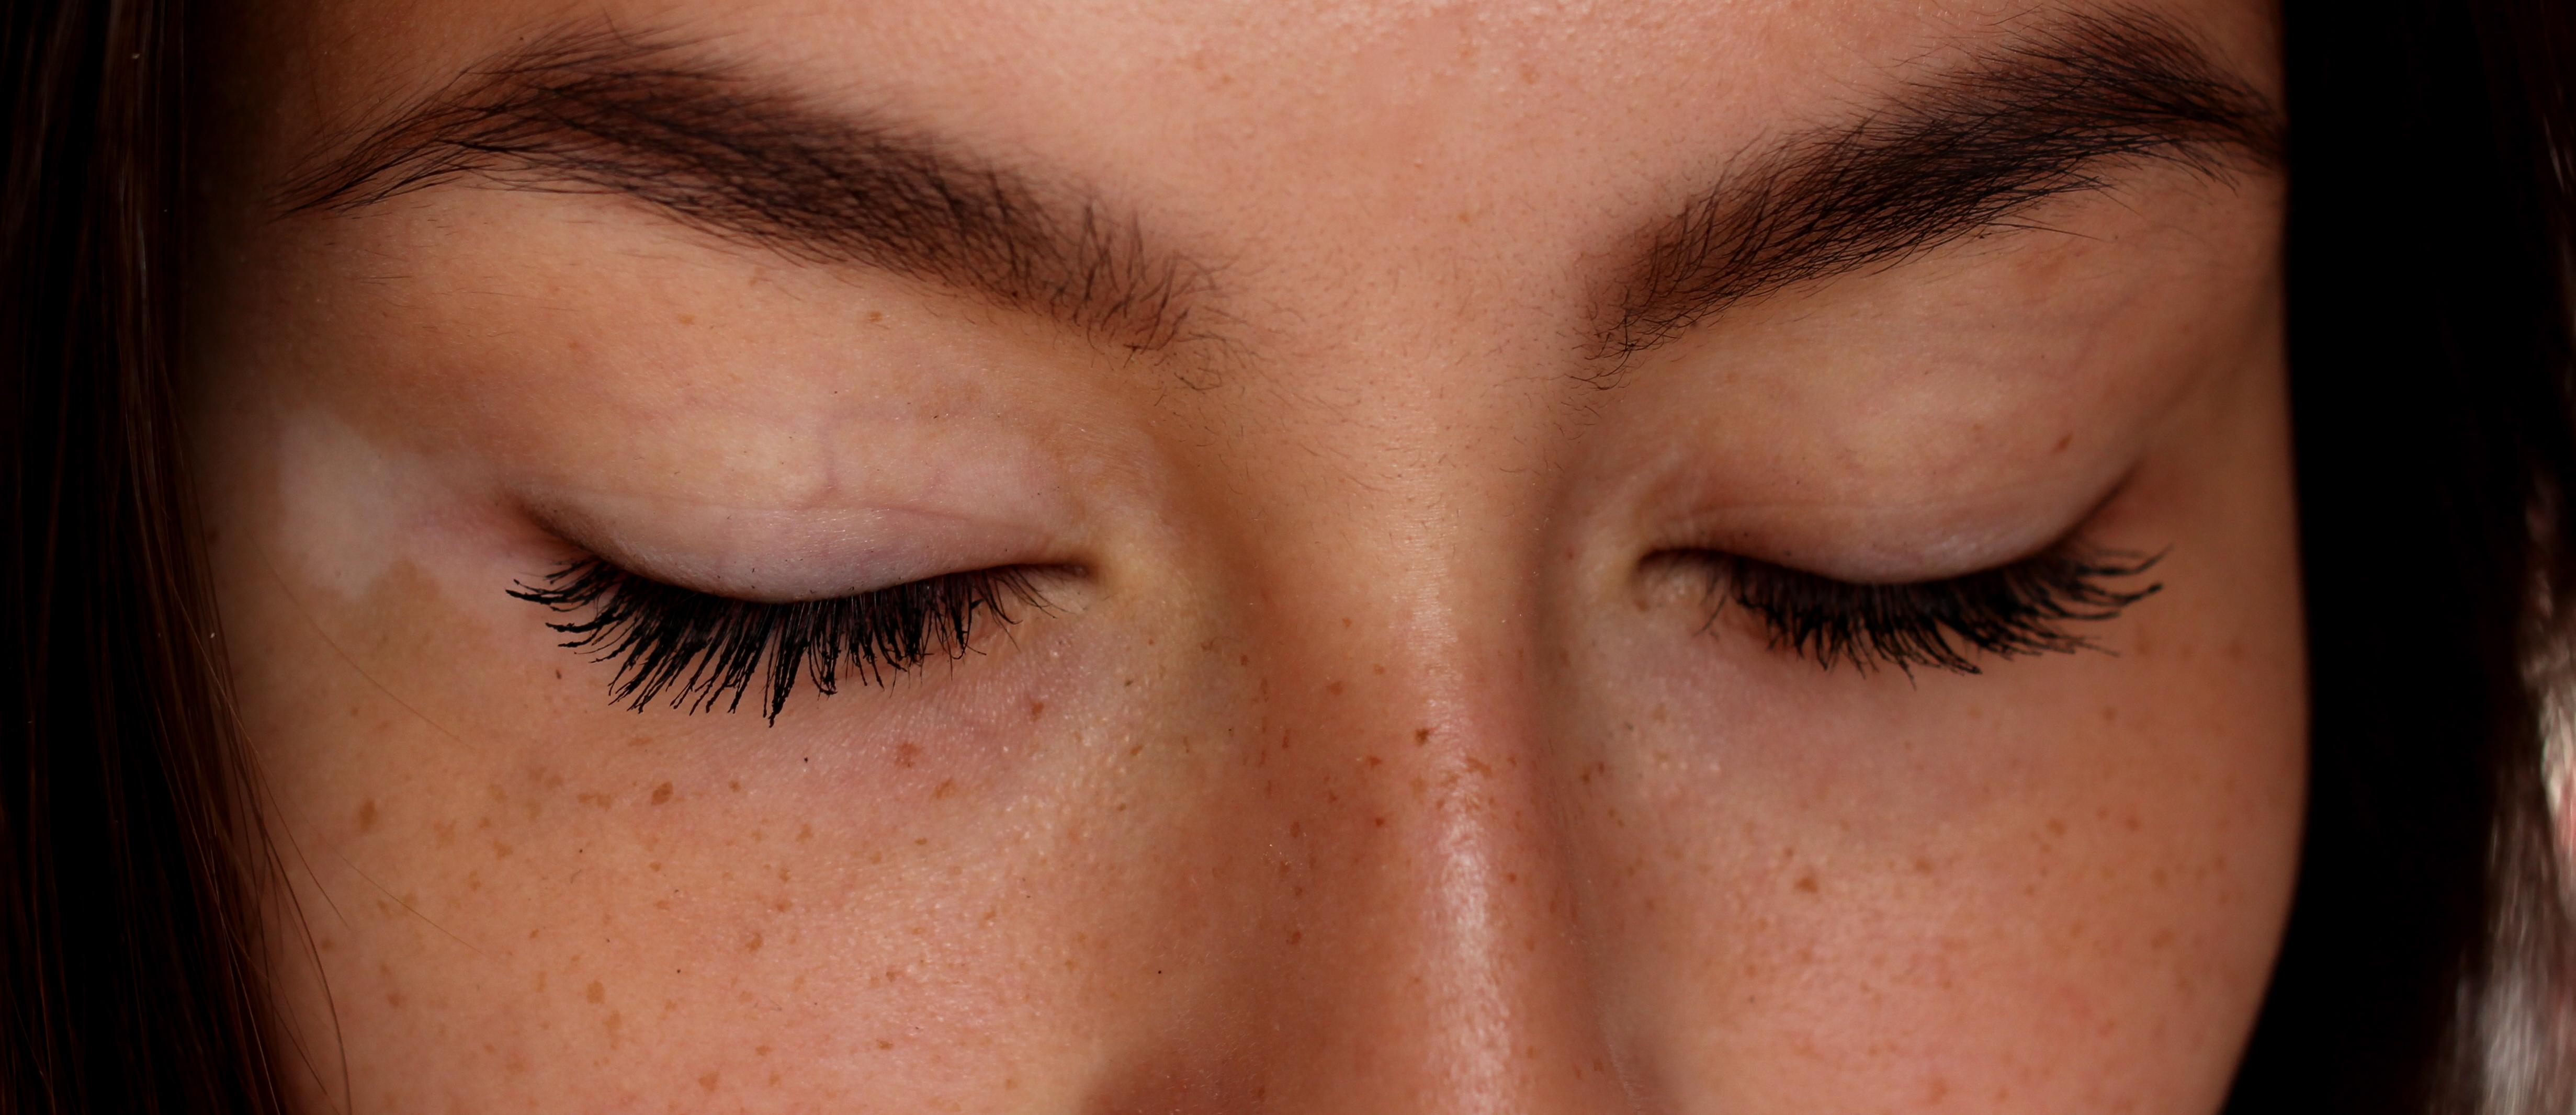 för långa ögonfransar